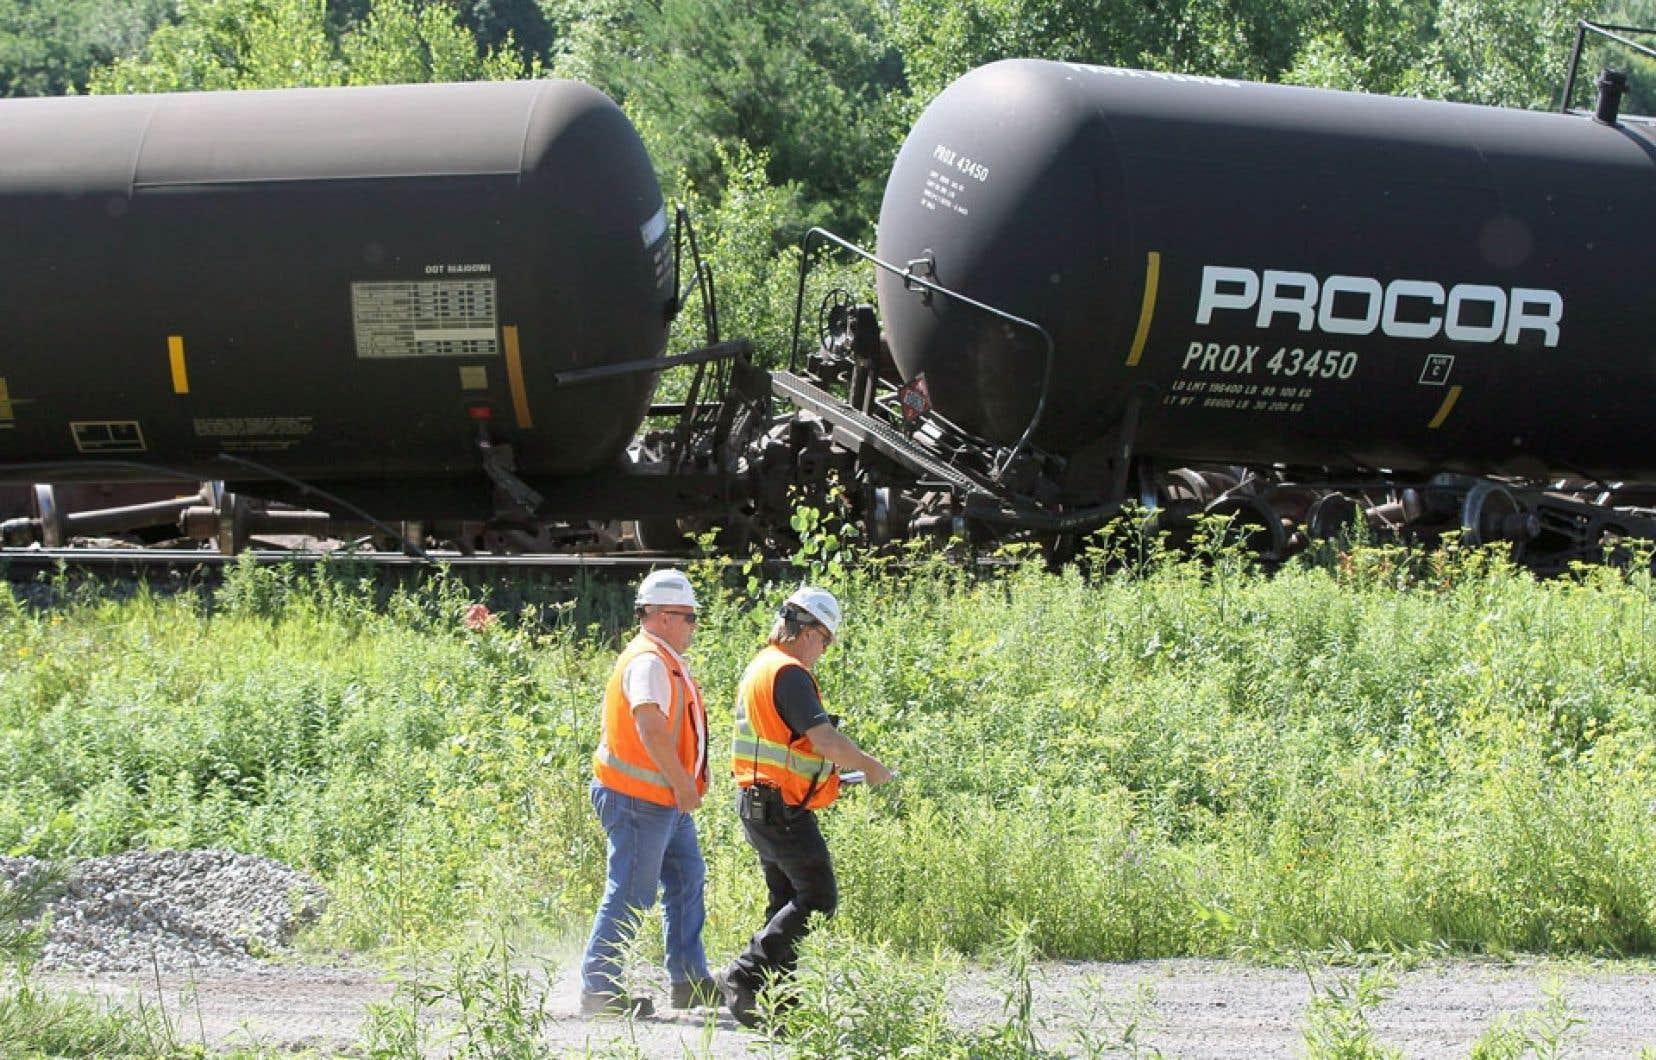 Le Canadien National (CN), qui se targue des plus hauts standards de sécurité, devra fournir des explications après le déraillement de train du 10 juillet dernier, près de Brockville, en Ontario.